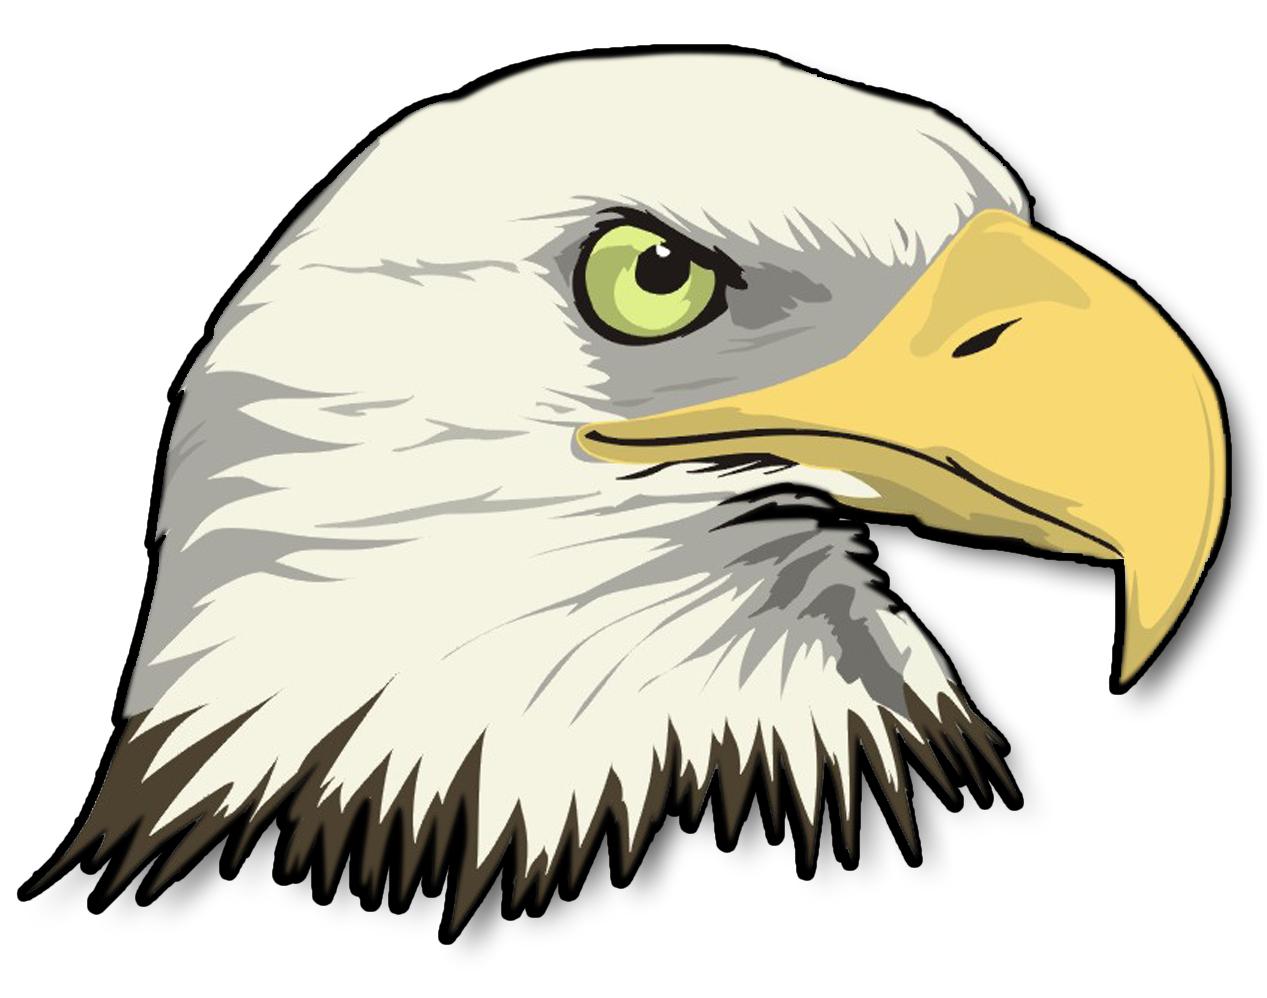 Bald Eagle clipart #14